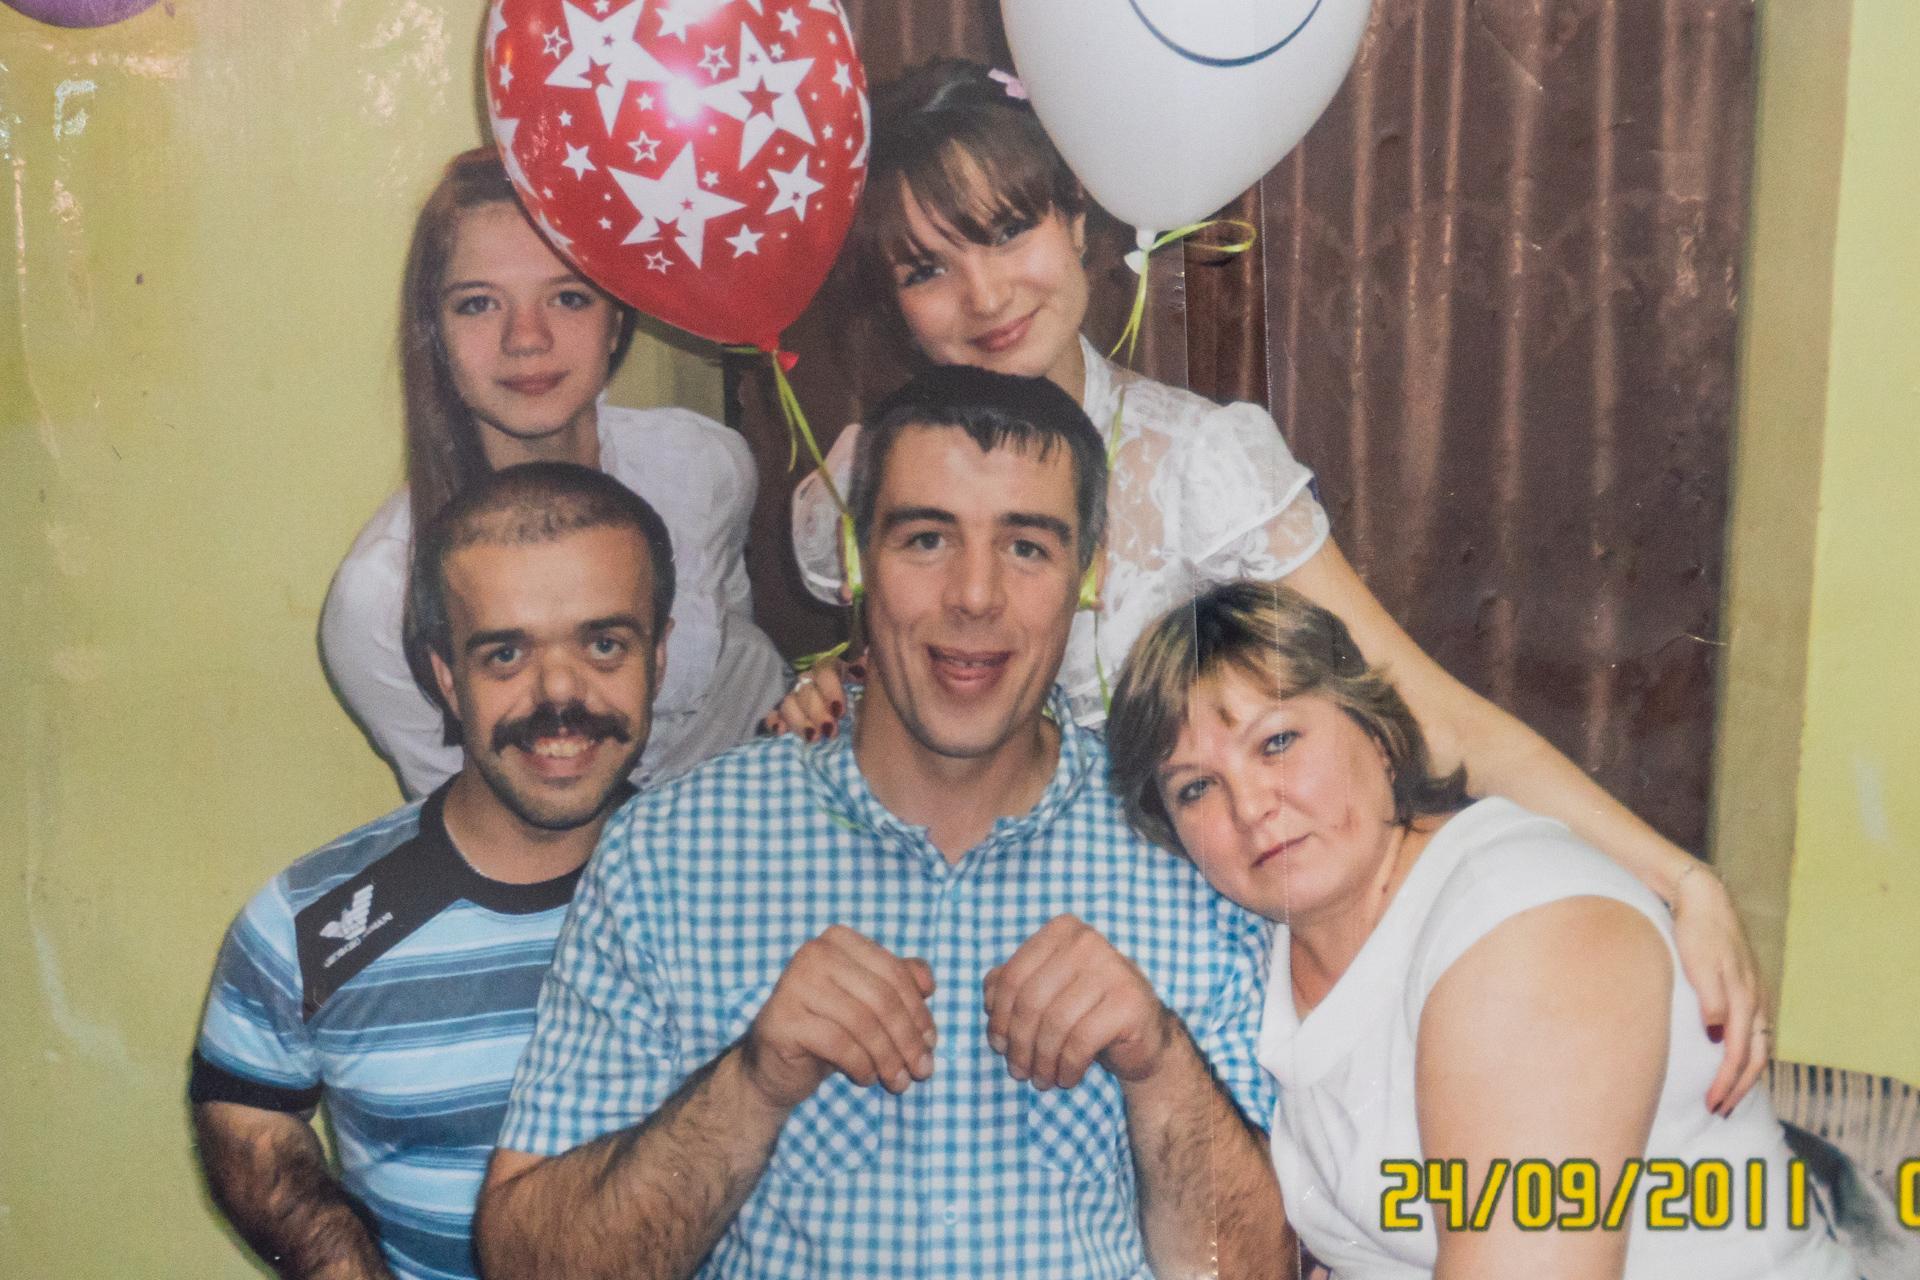 Старший брат Алексея (в центре) всегда его защищает и поддерживает